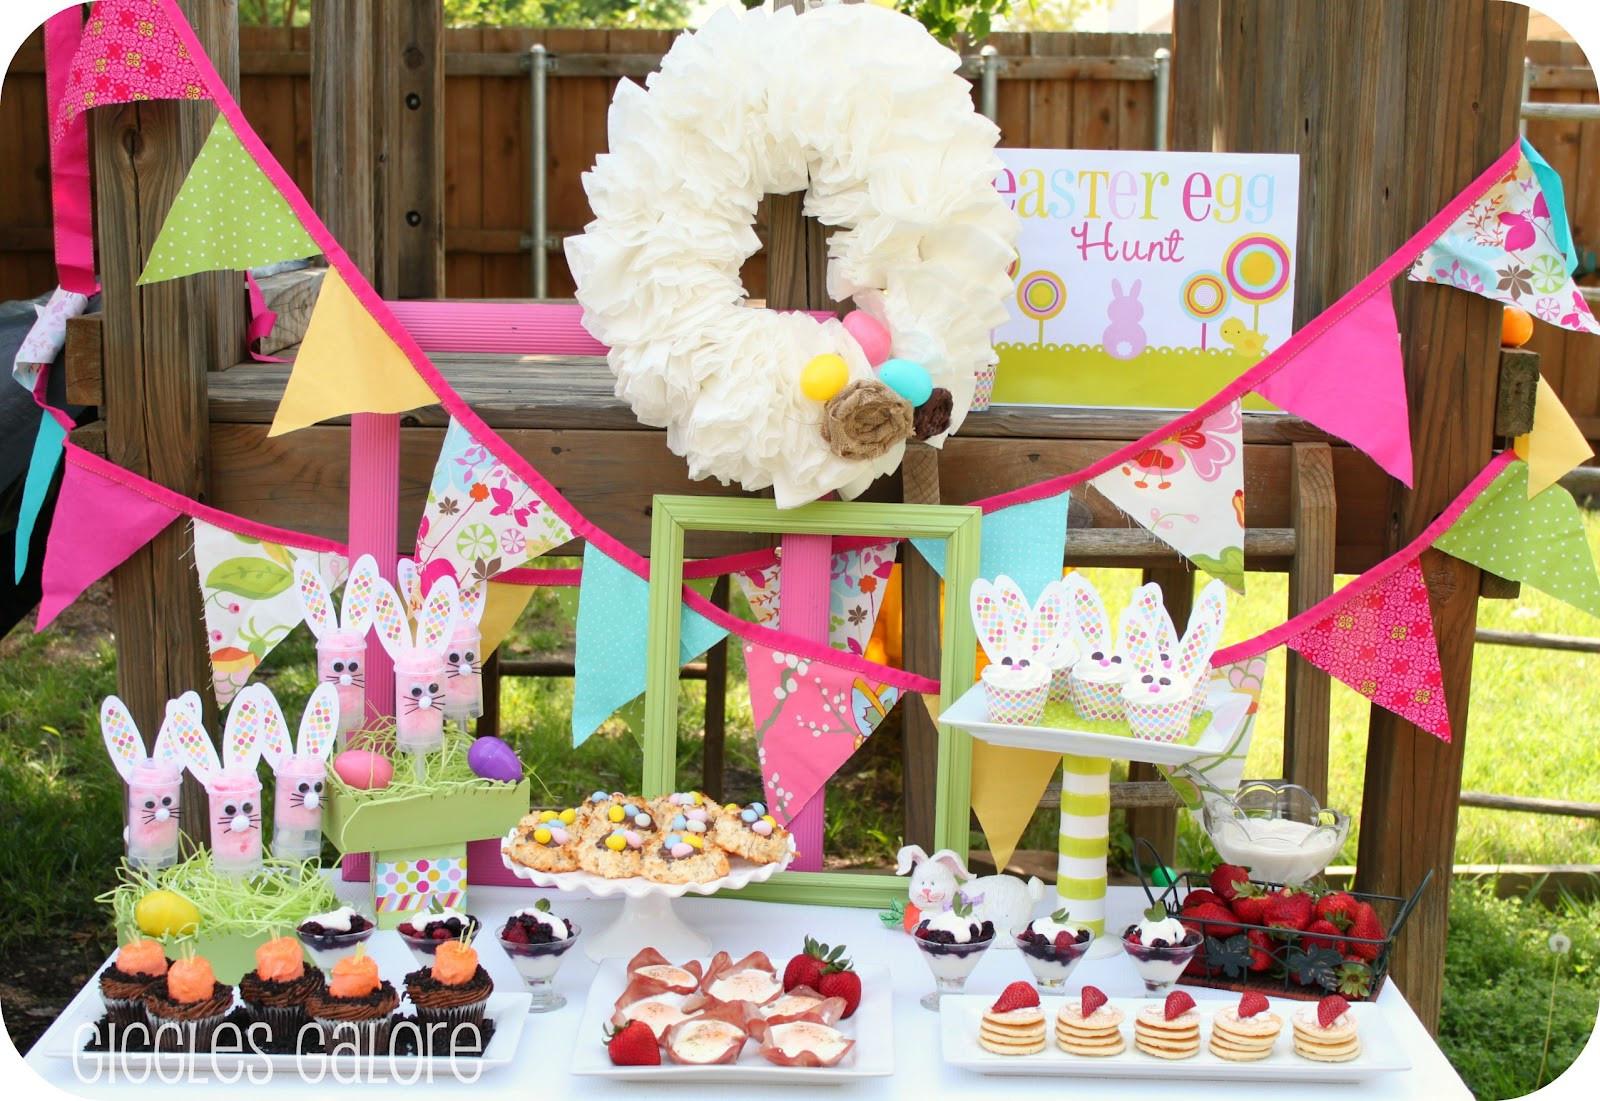 Easter Egg Party  Easter Brunch and Egg Hunt Giggles Galore